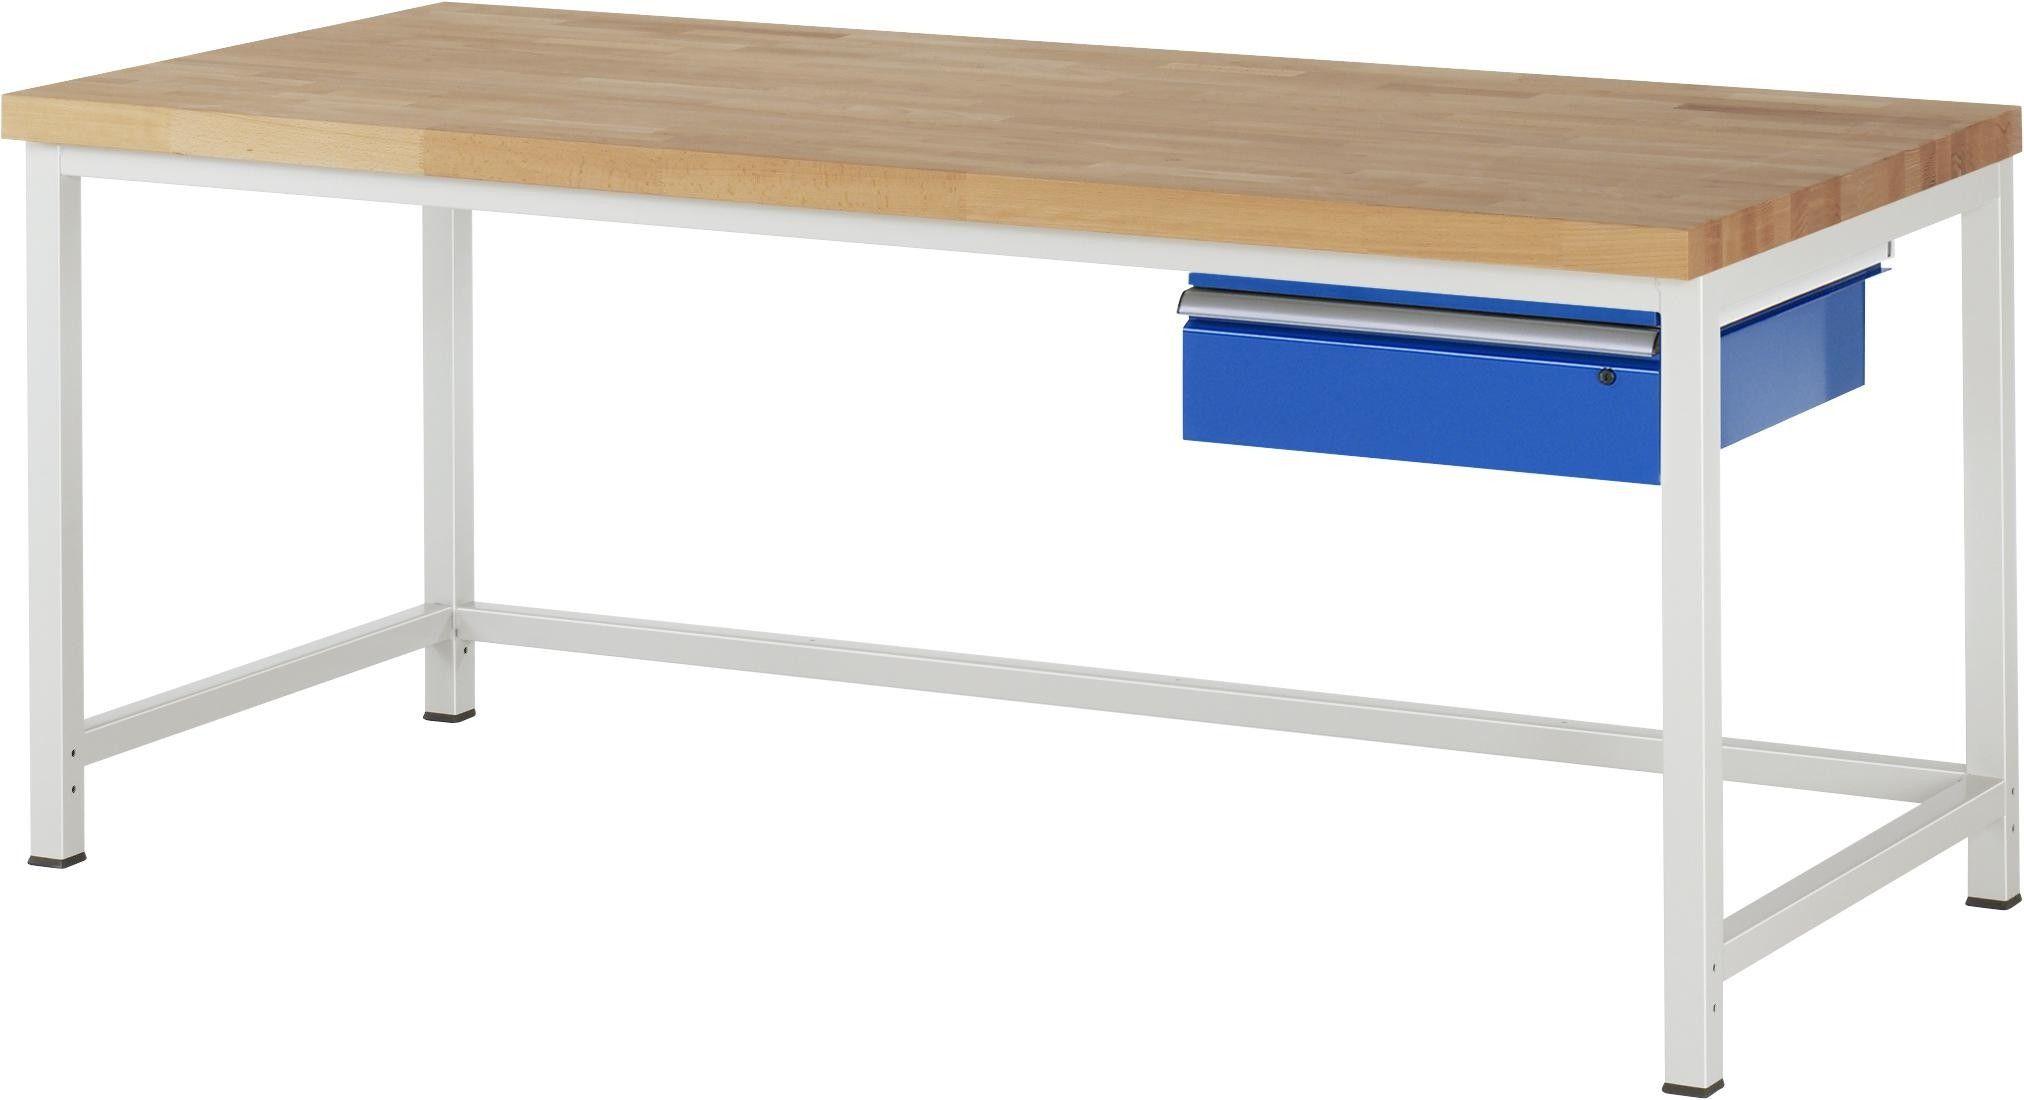 Werkbank Serie 8000 Modell 8001a1 2000x900x840 1040 Mm In 2020 Mit Bildern Werkbank Unterbau Schublade Modell